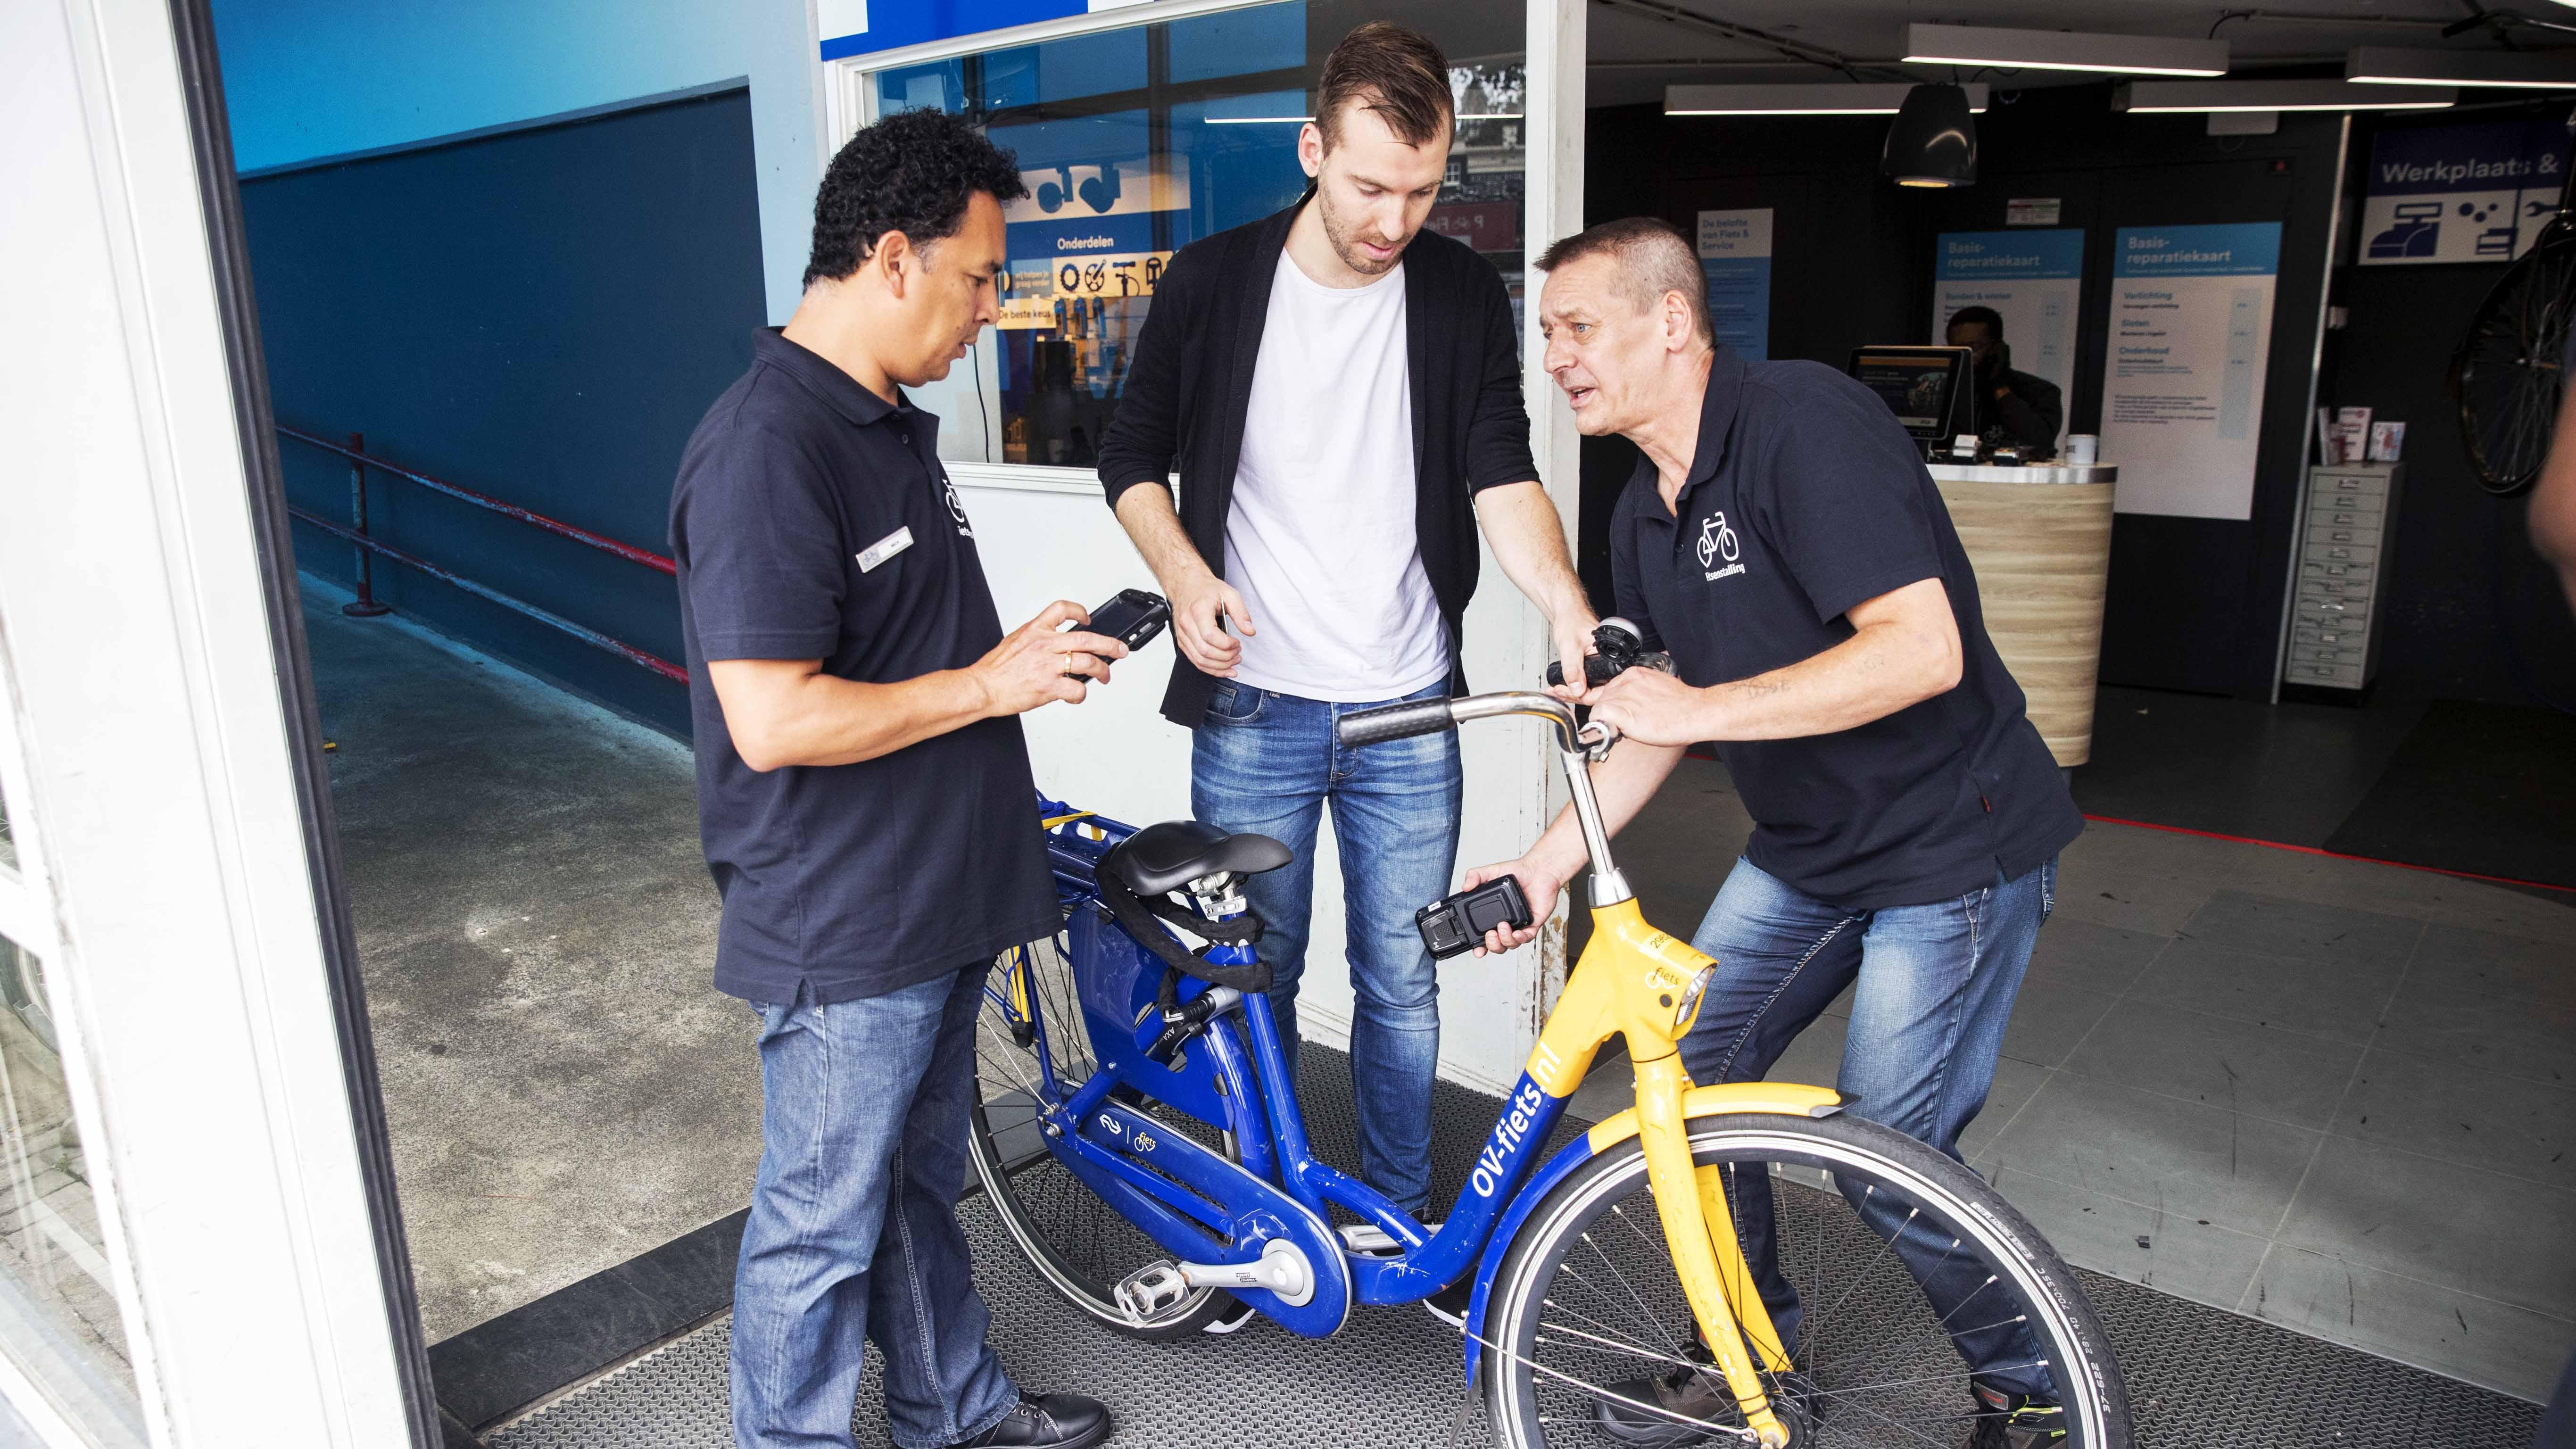 OV-chipkaart als fietssleutel